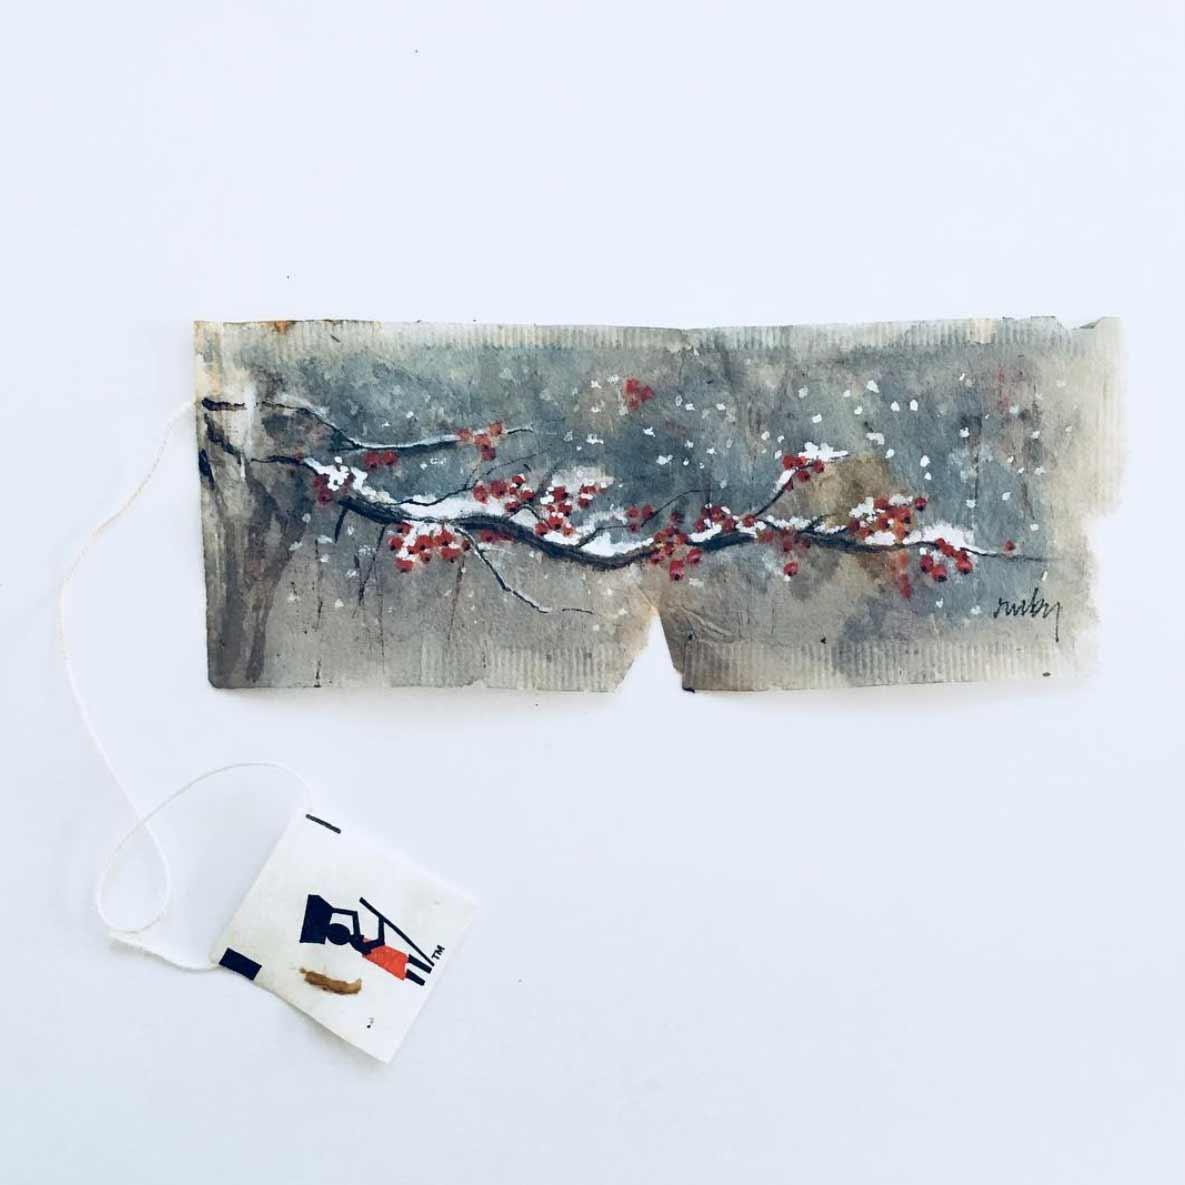 Teebeutel-Malerei von Ruby Silvious Ruby-Silvious-Teebeutelmalerei_08